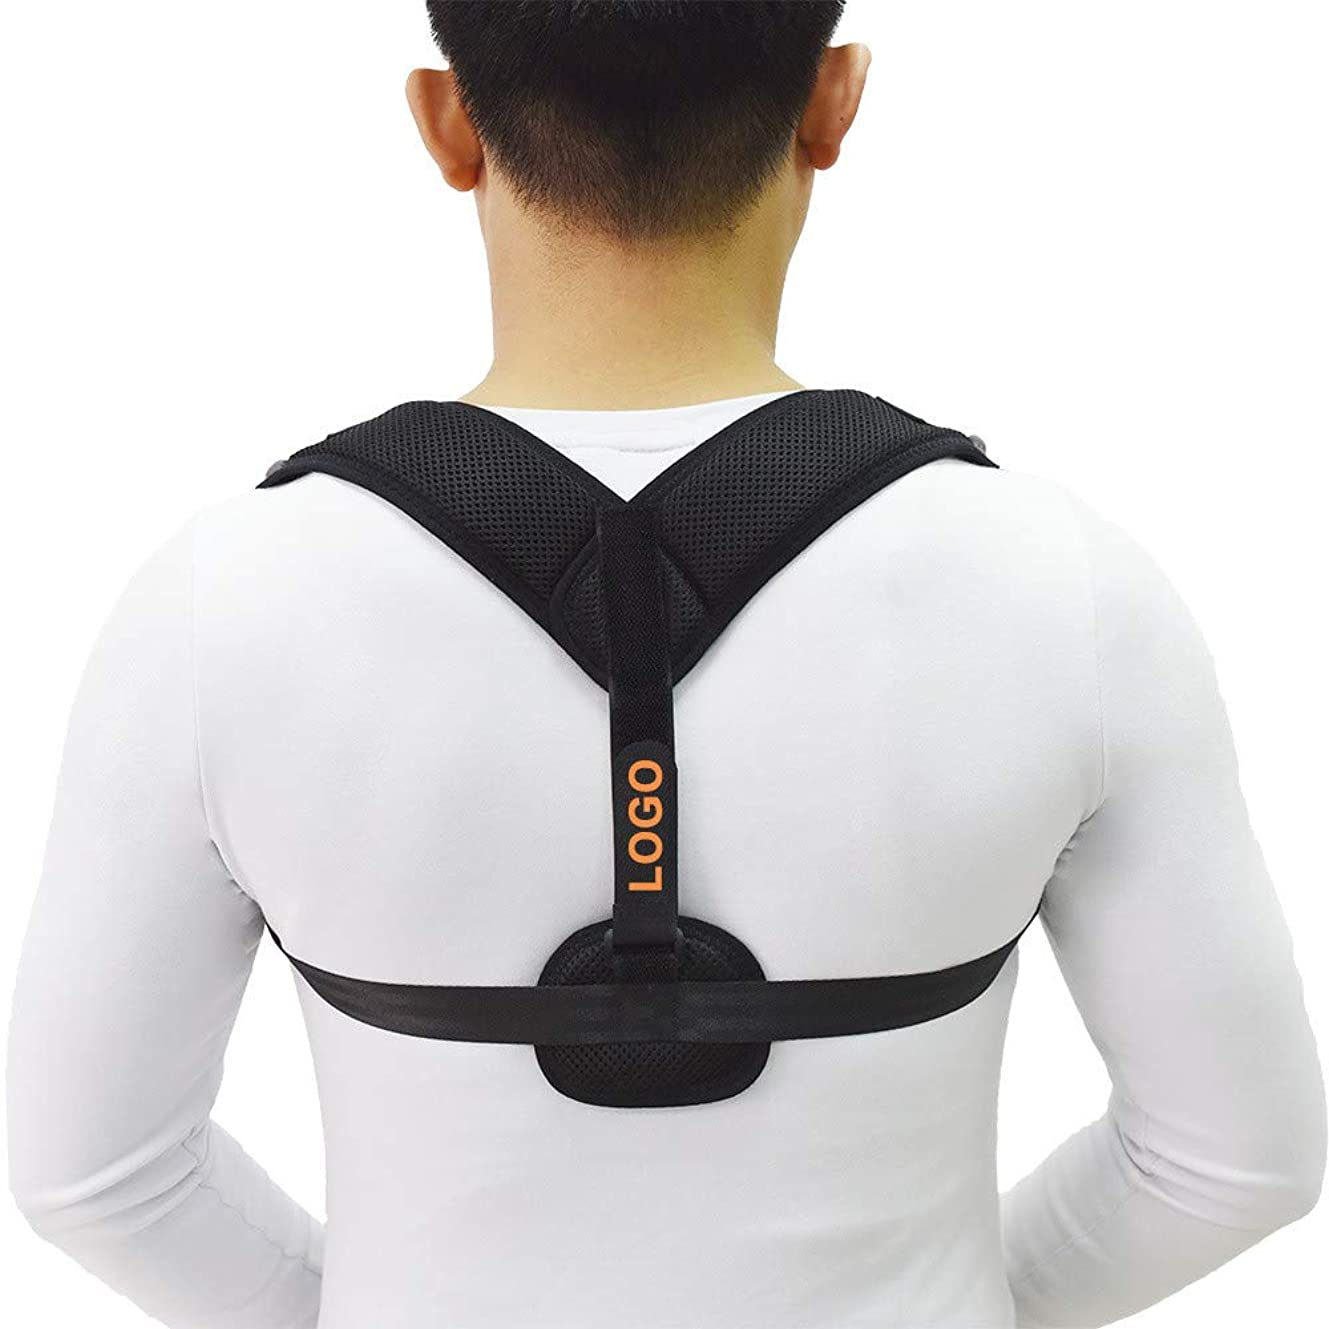 オーバーフロー左細分化する女性と男性の背中の姿勢ブレース、調節可能な鎖骨サポートを備えた矯正ショルダーストラップ-最も効果的で快適な姿勢サポート,黒